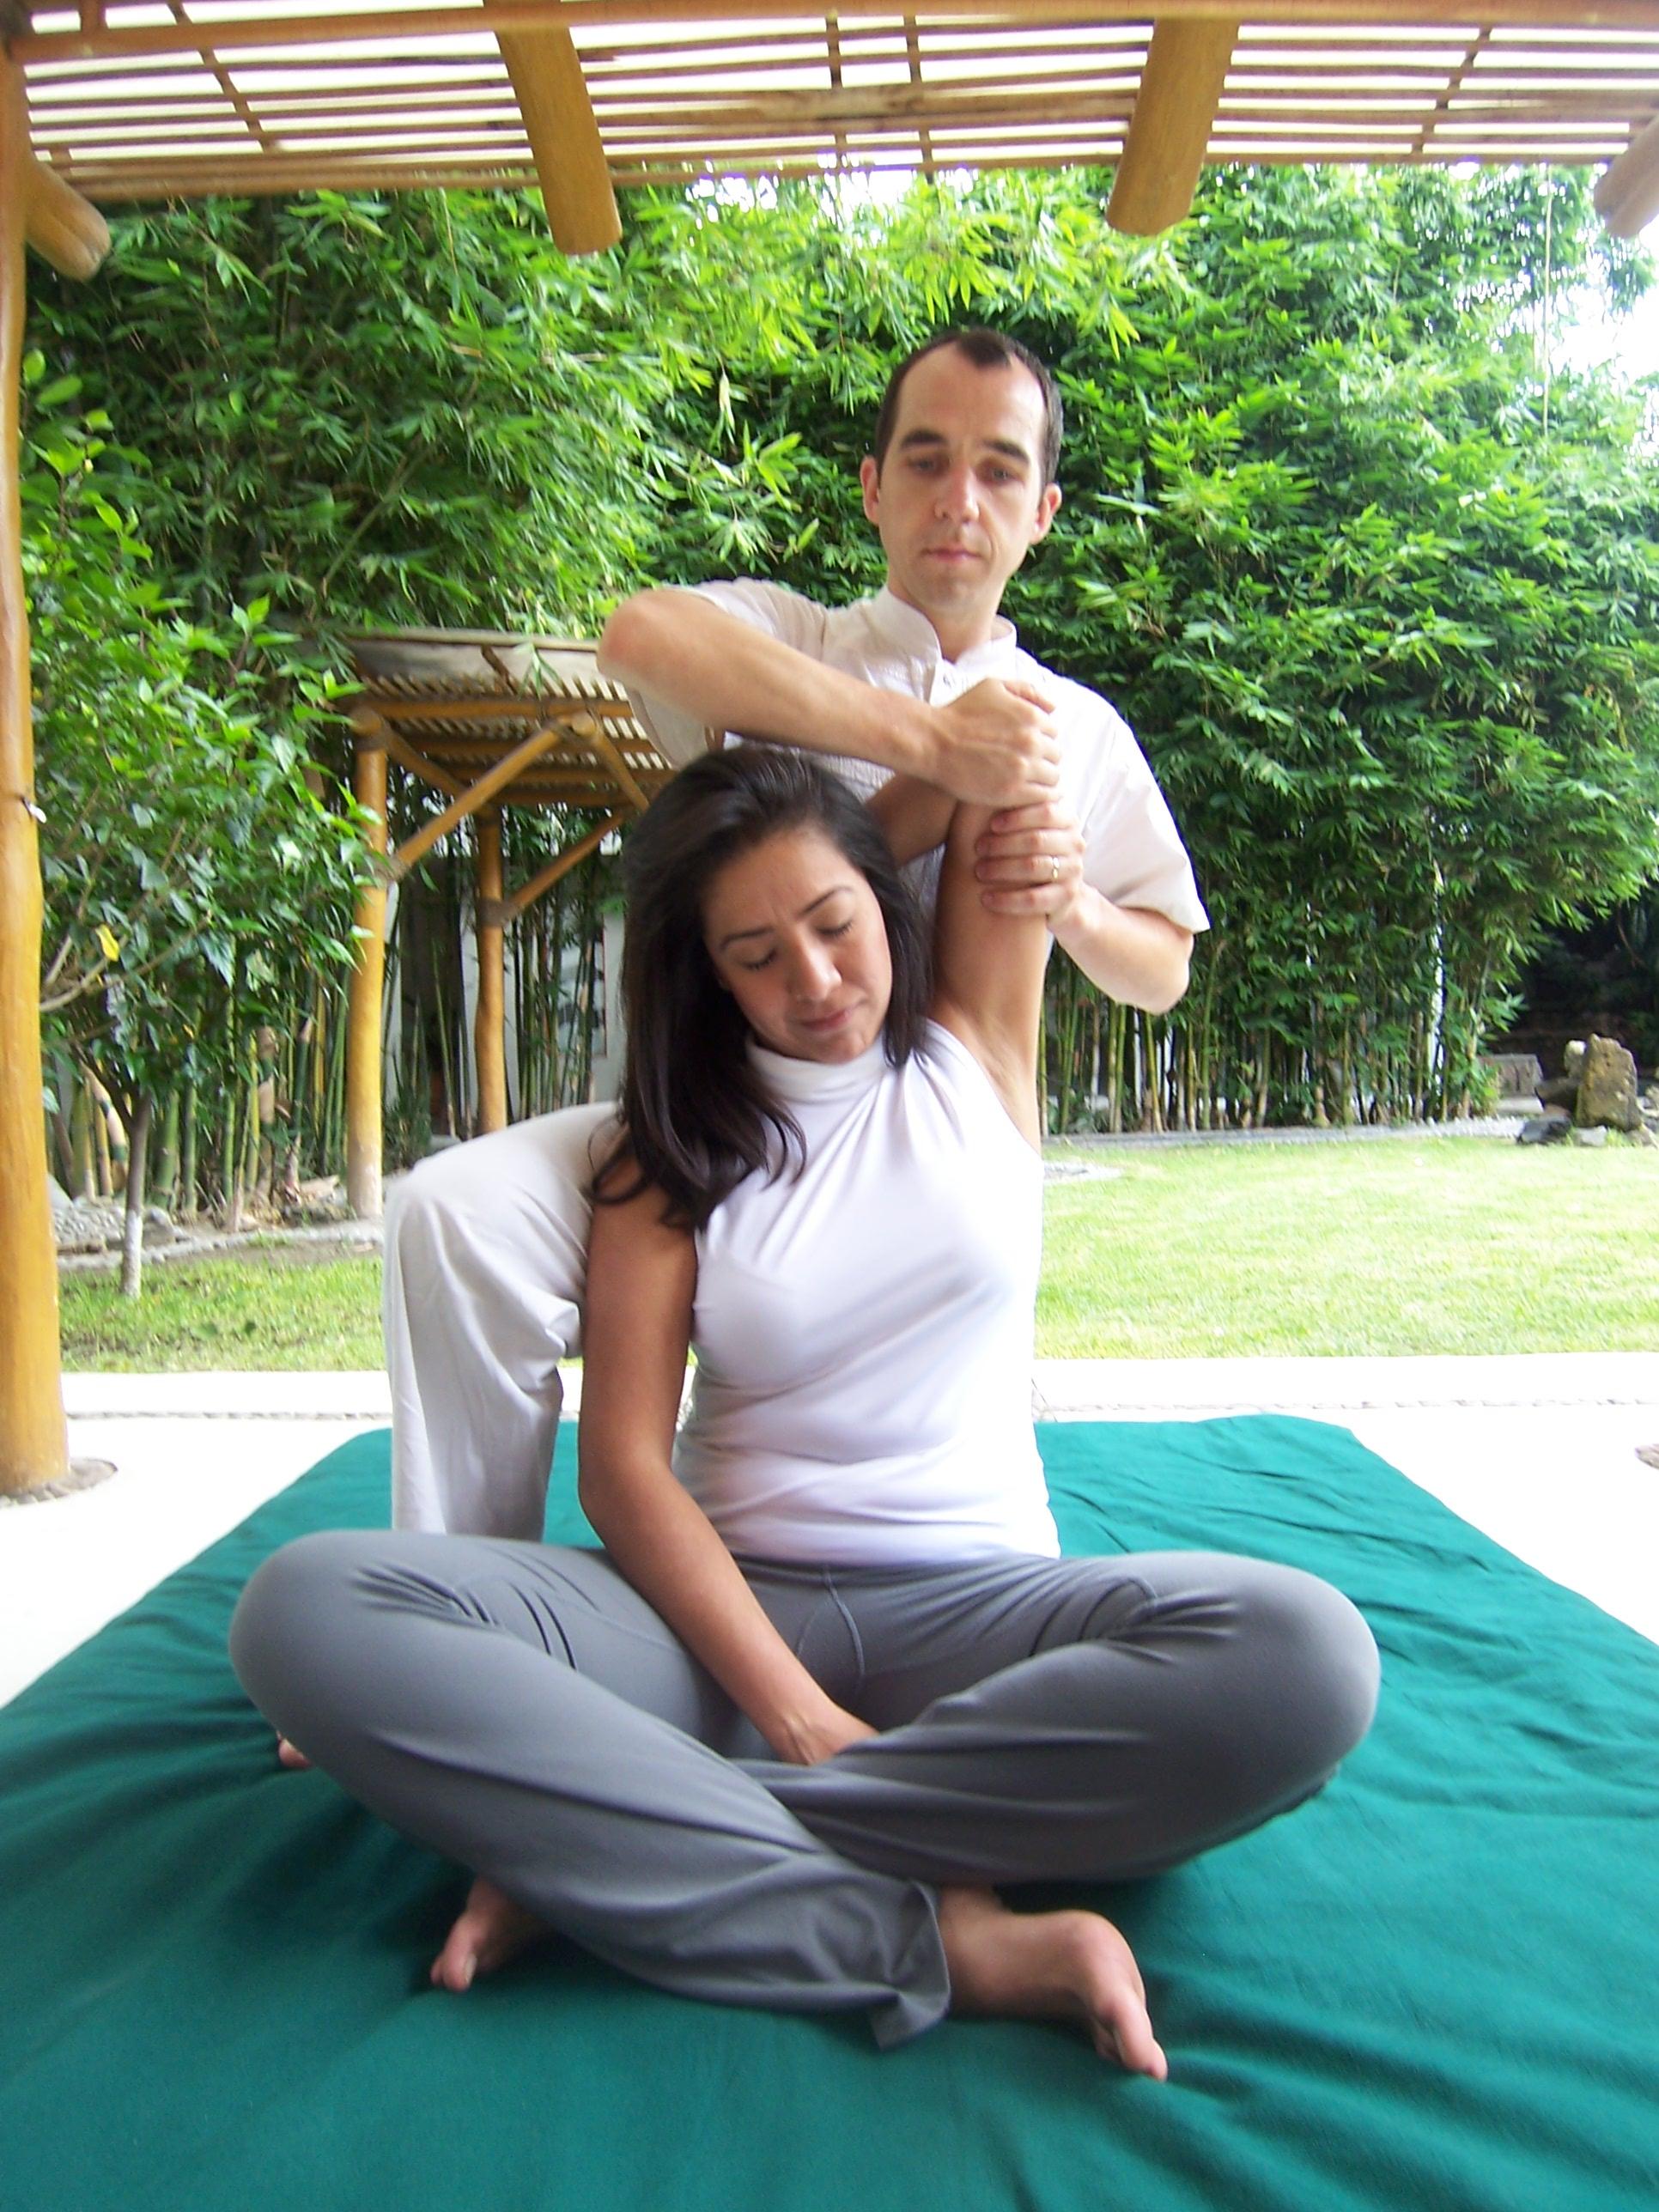 My Interest In Thai Yoga Massage